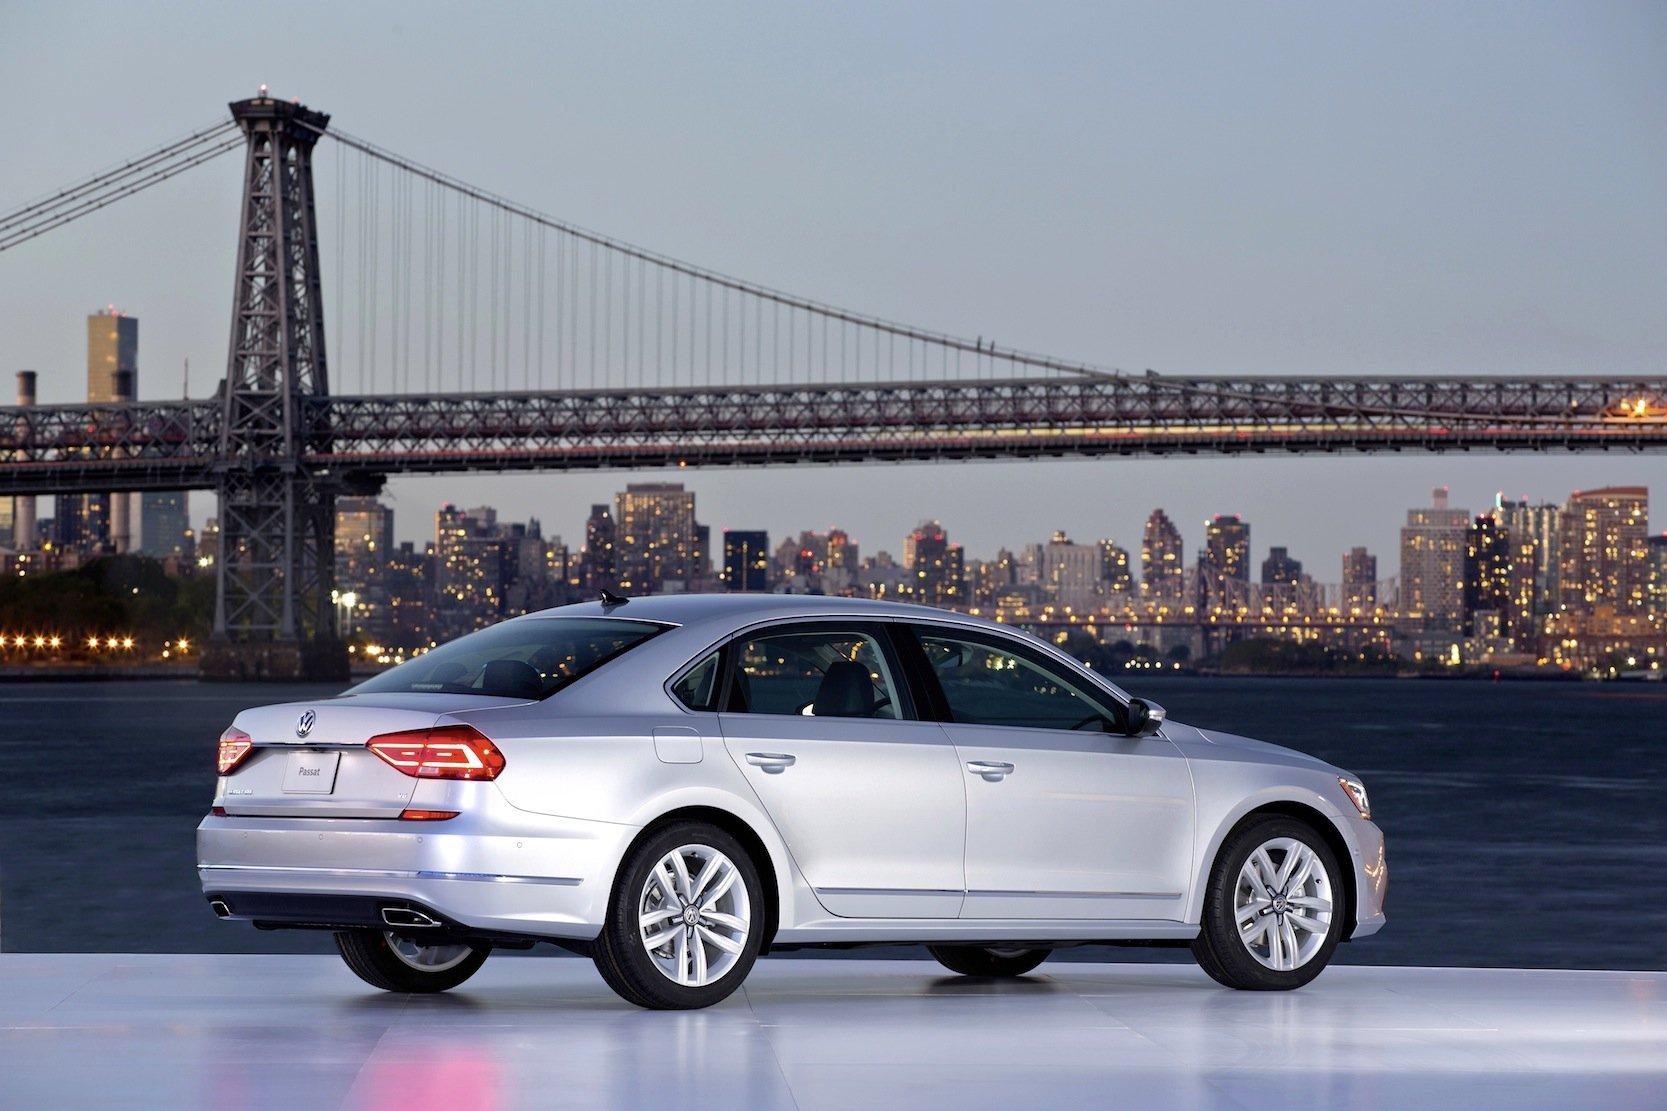 US-Version des VW Passat vor der Skyline von New York: Als Folge des Diesel-Skandals könnten jetzt 3000 Stellen in der Verwaltung des VW-Konzerns wegfallen.